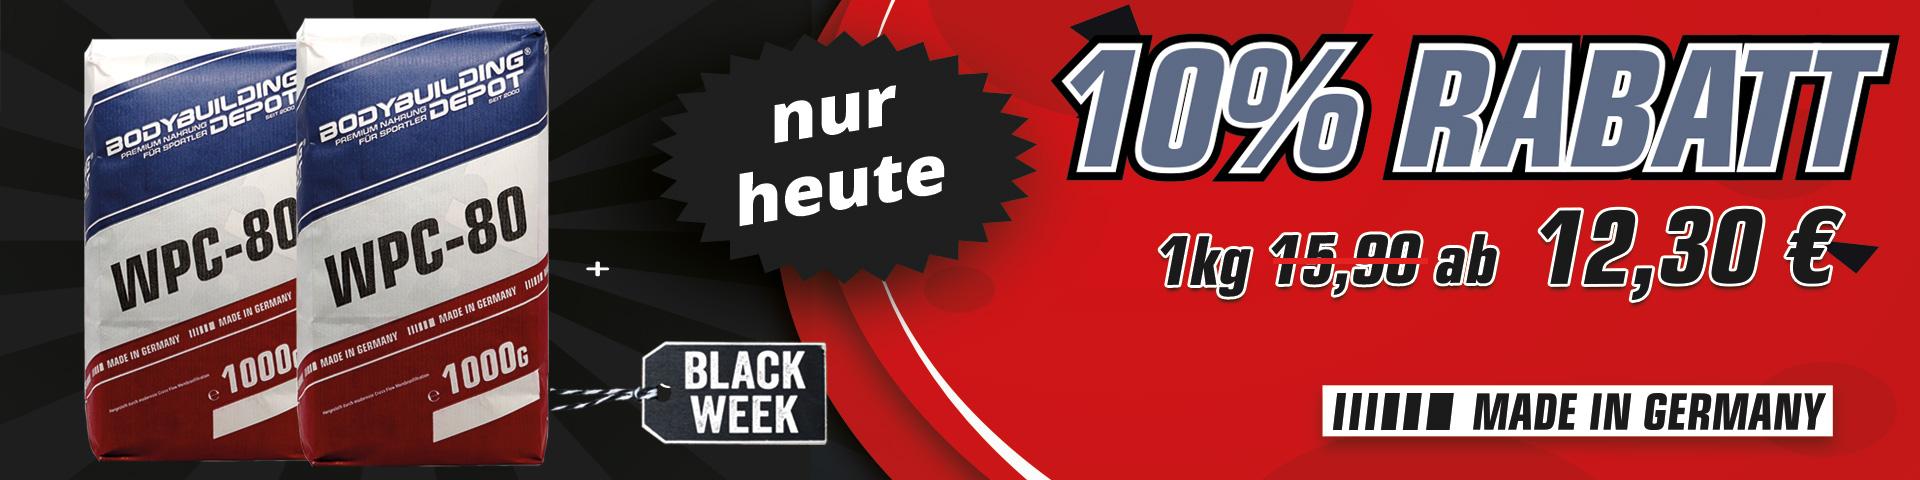 black-week-angebot-sonntag.jpg